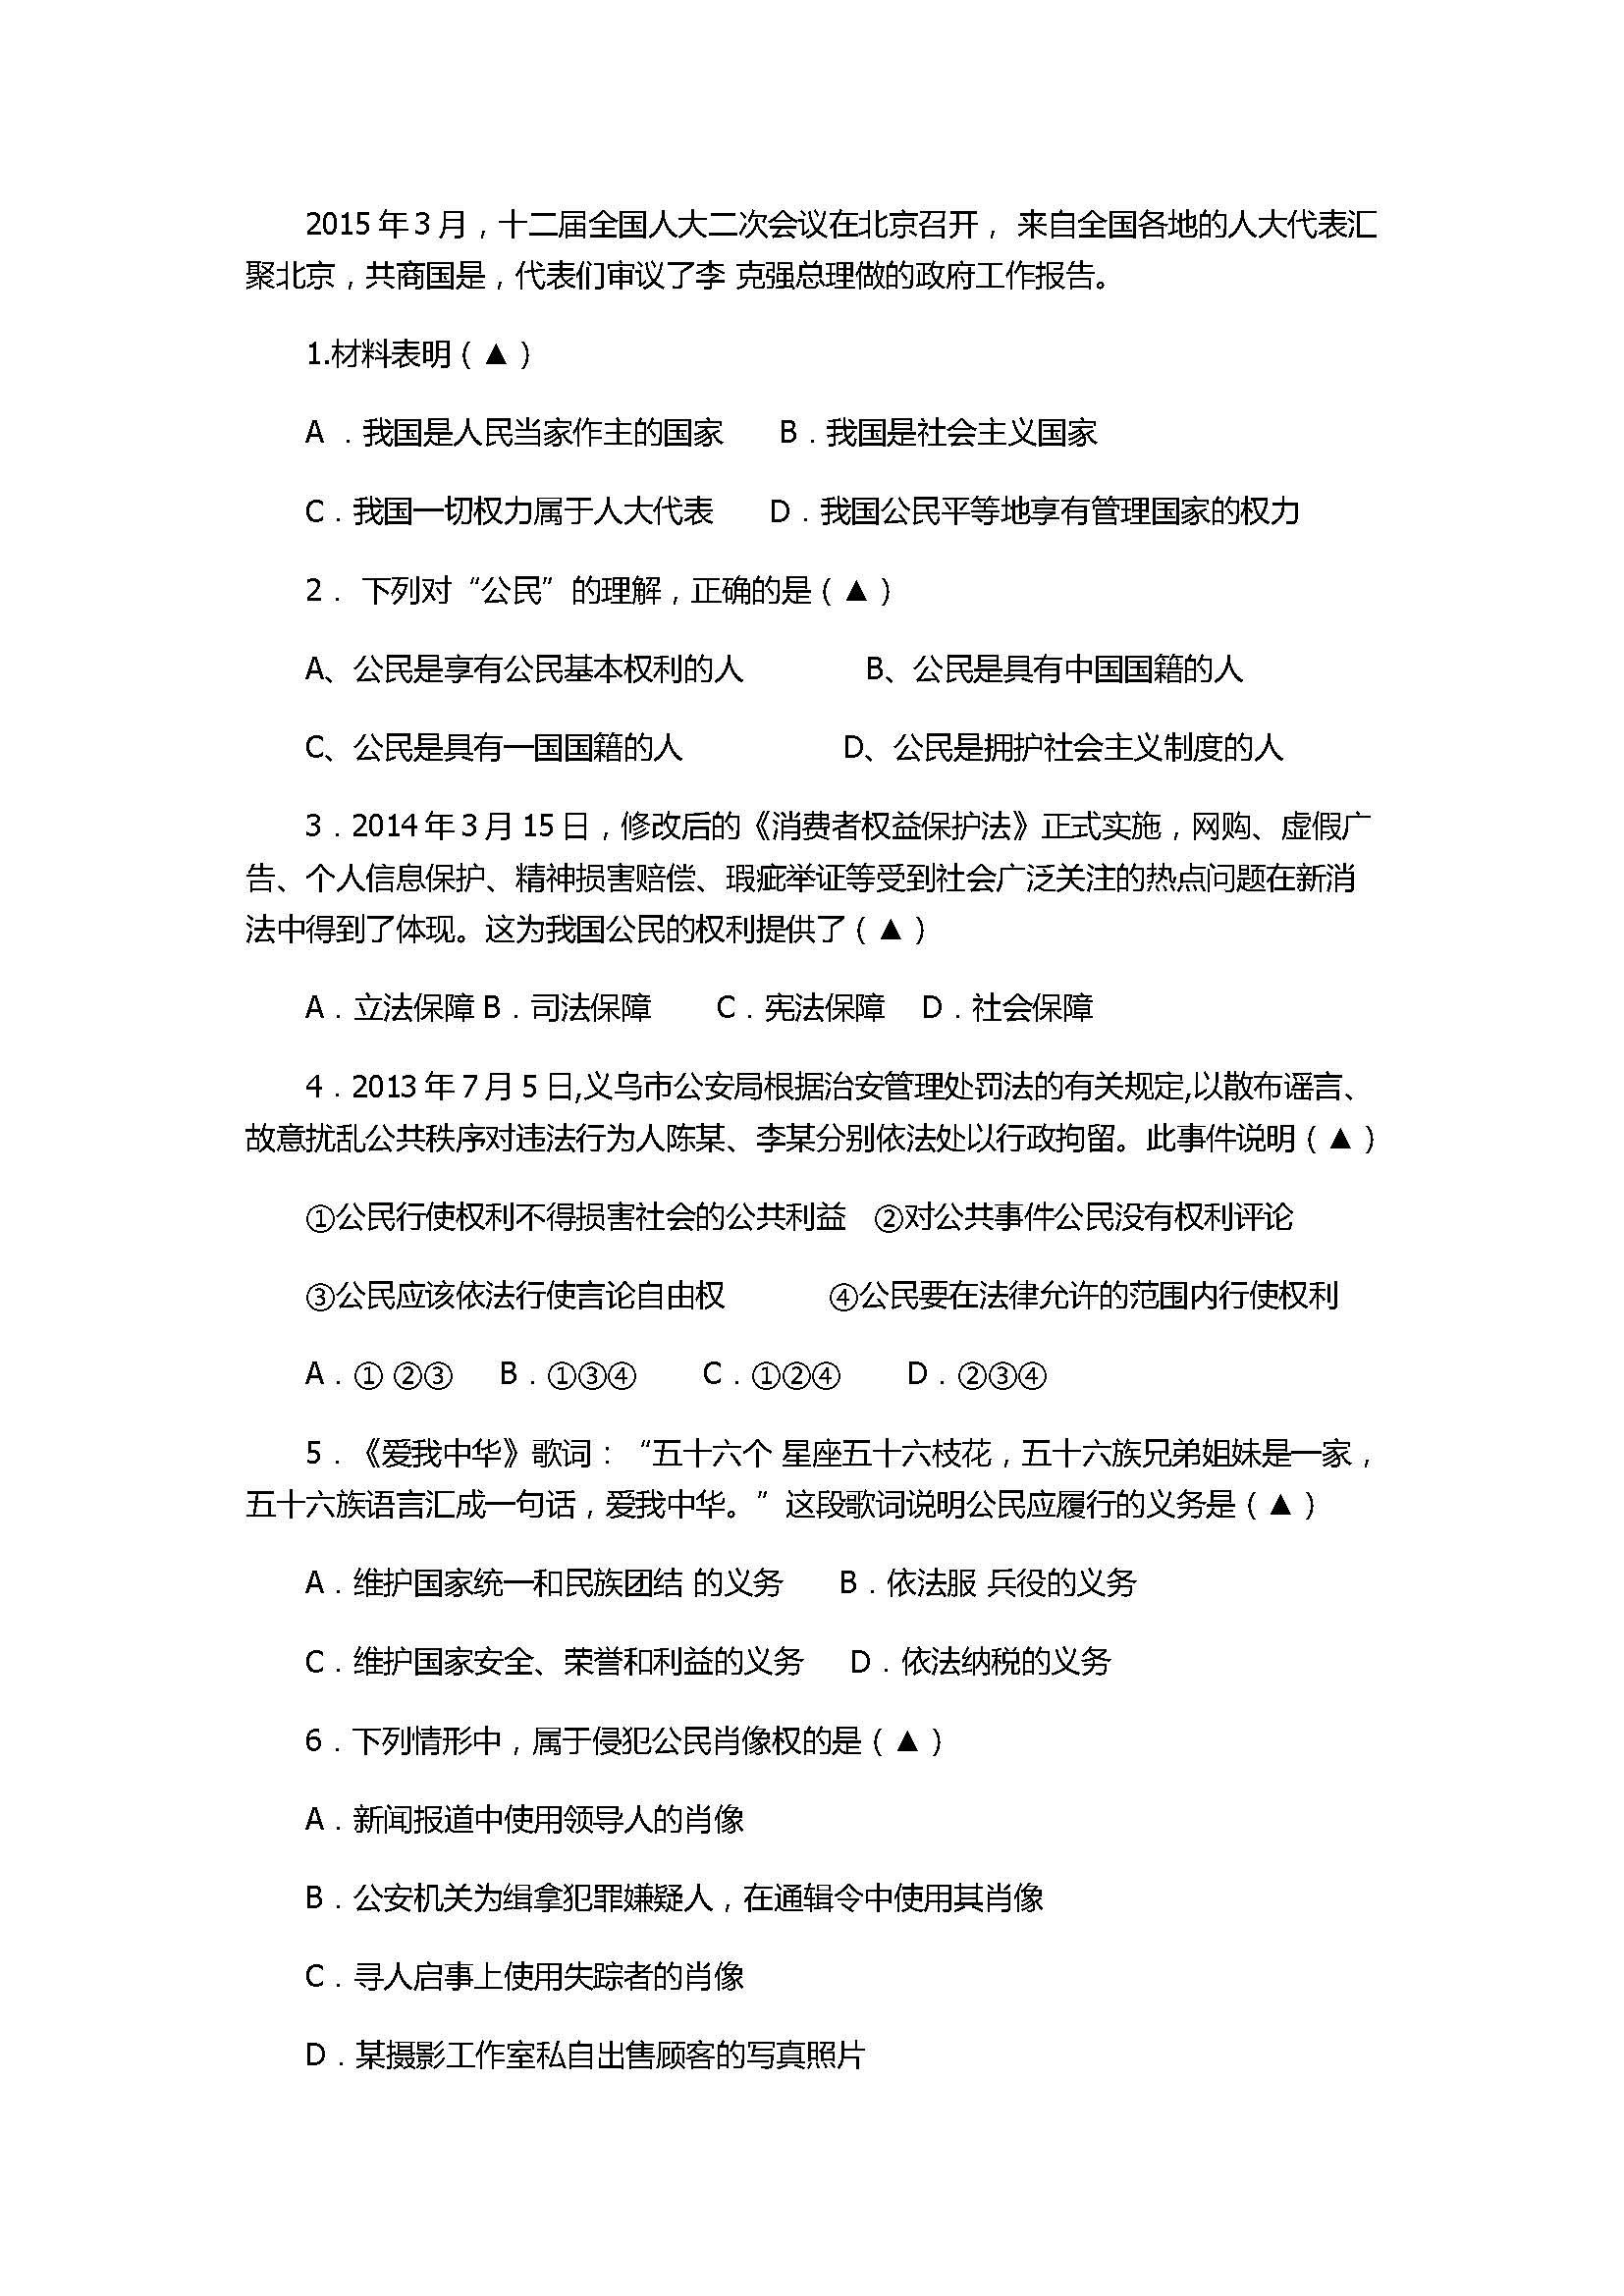 2017八年级思想品德下册期中试卷含答案(聊城市阳谷县)